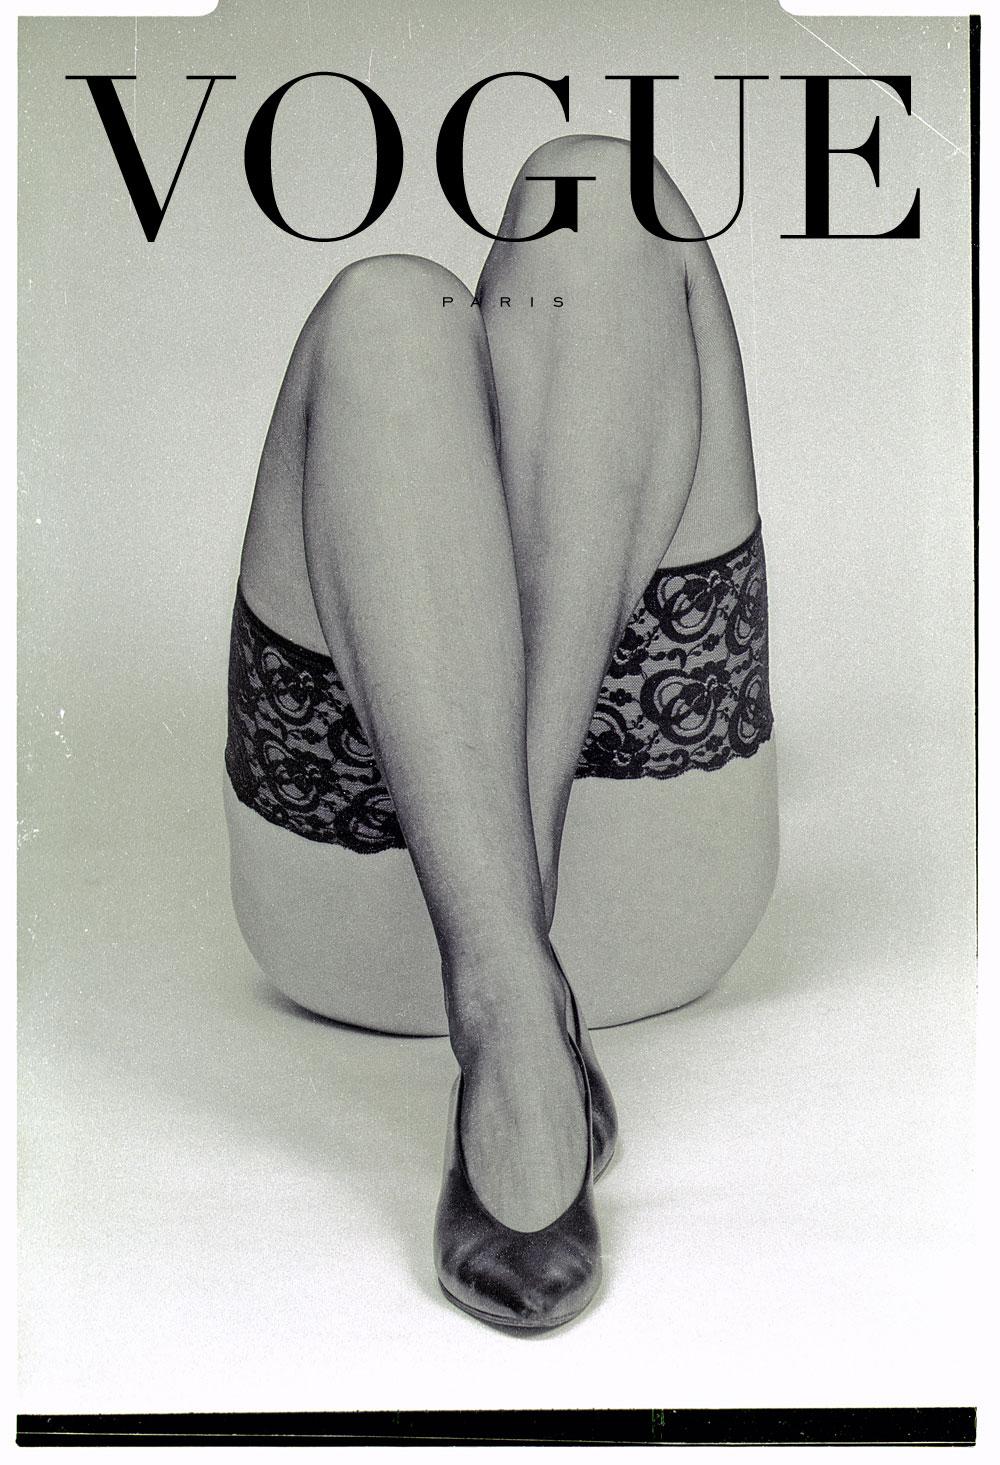 Condé Nast, Fotografie für die Vogue, Paris. Poster im Vintage Stil.